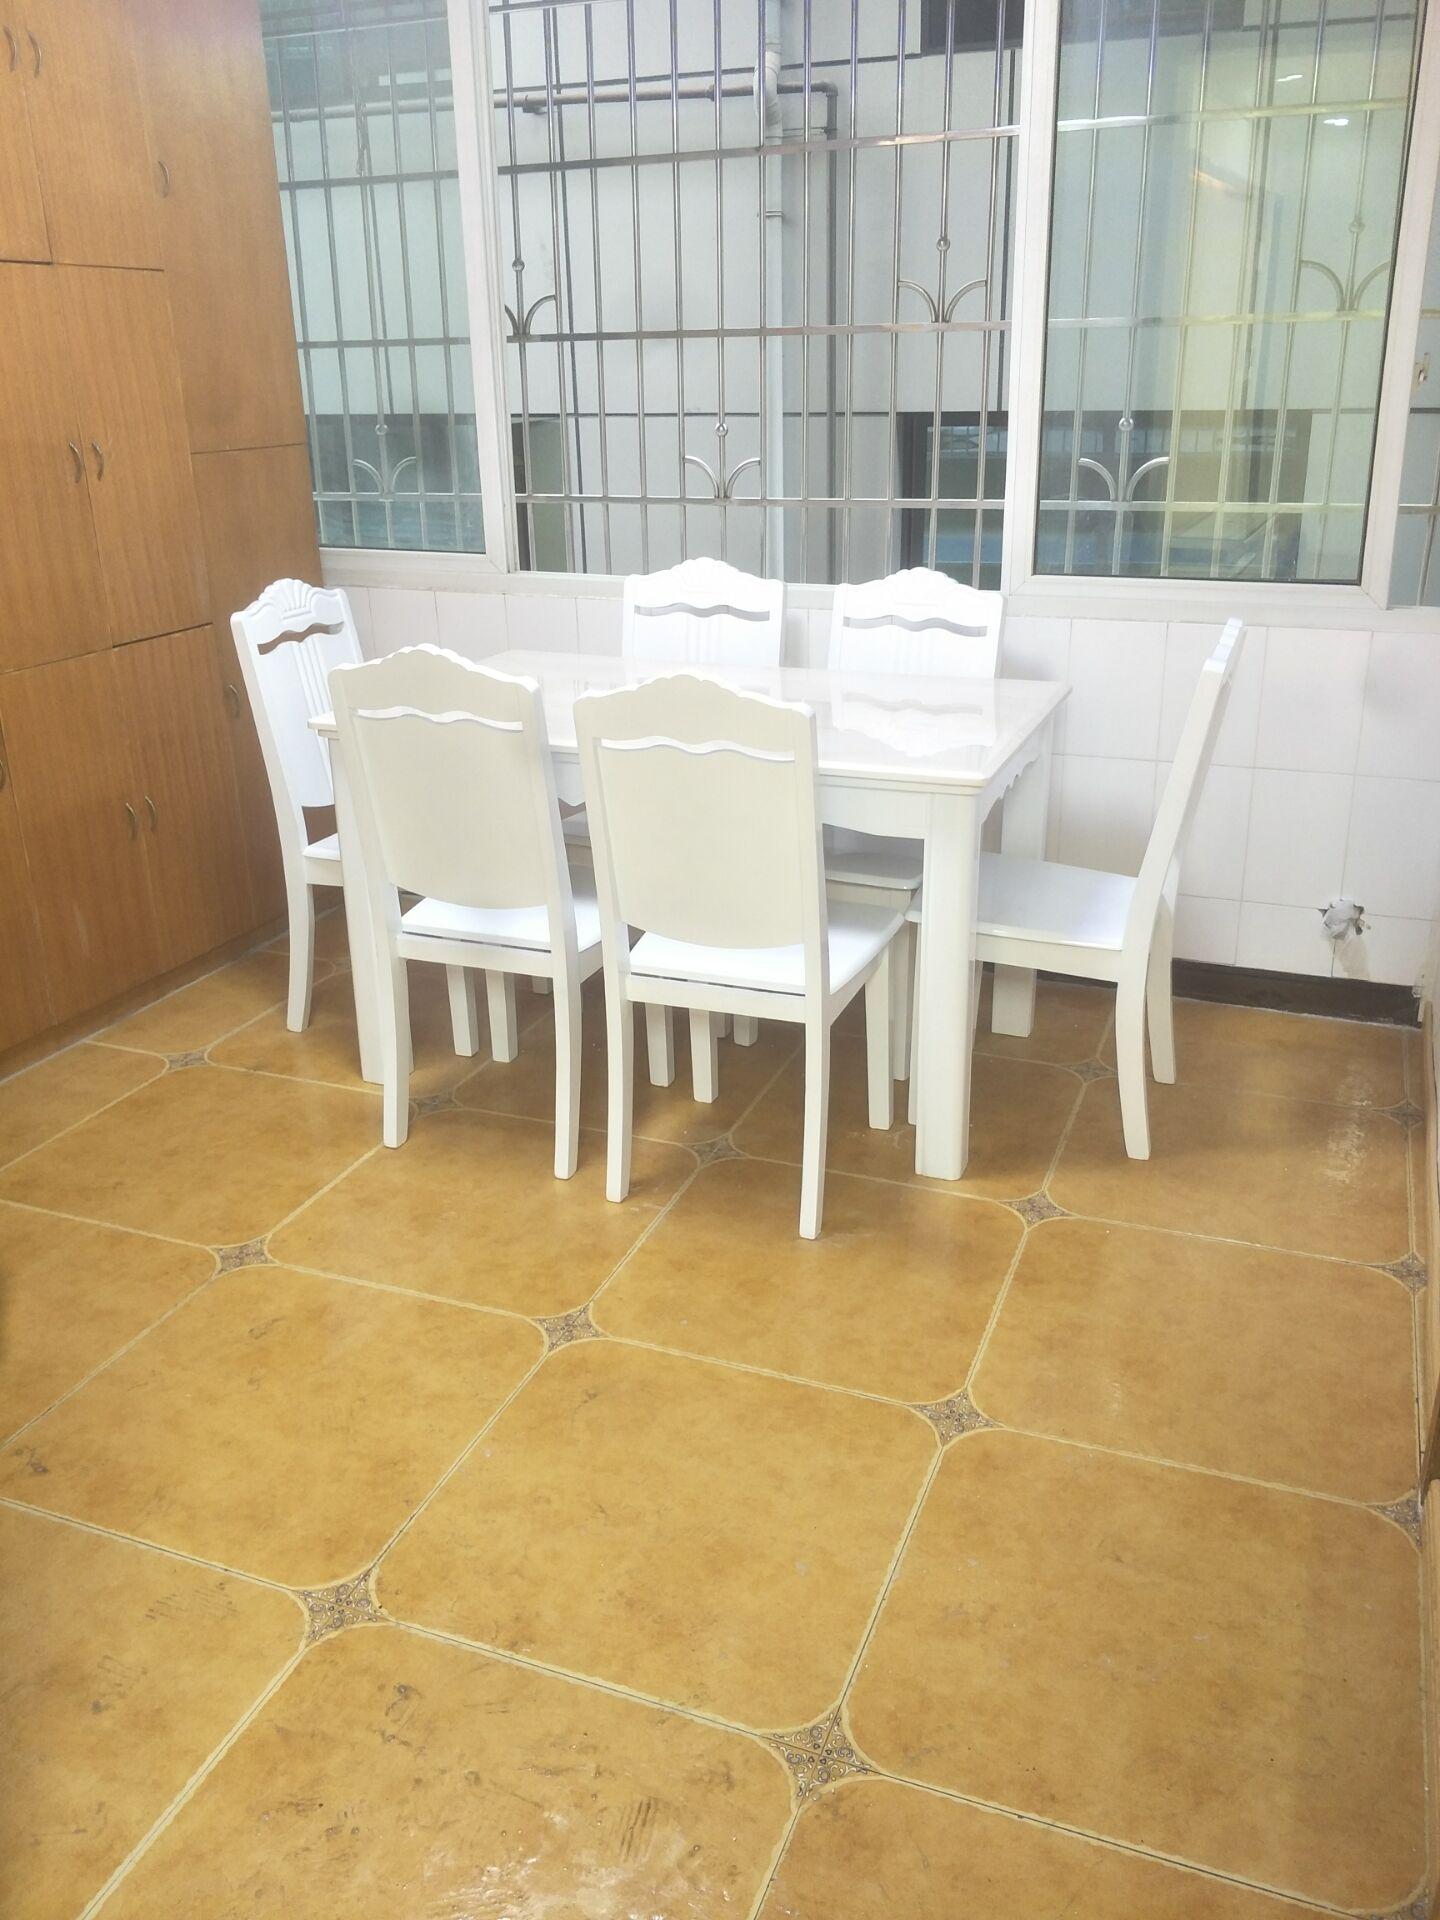 老城区文星街3楼3室2厅出售可看房